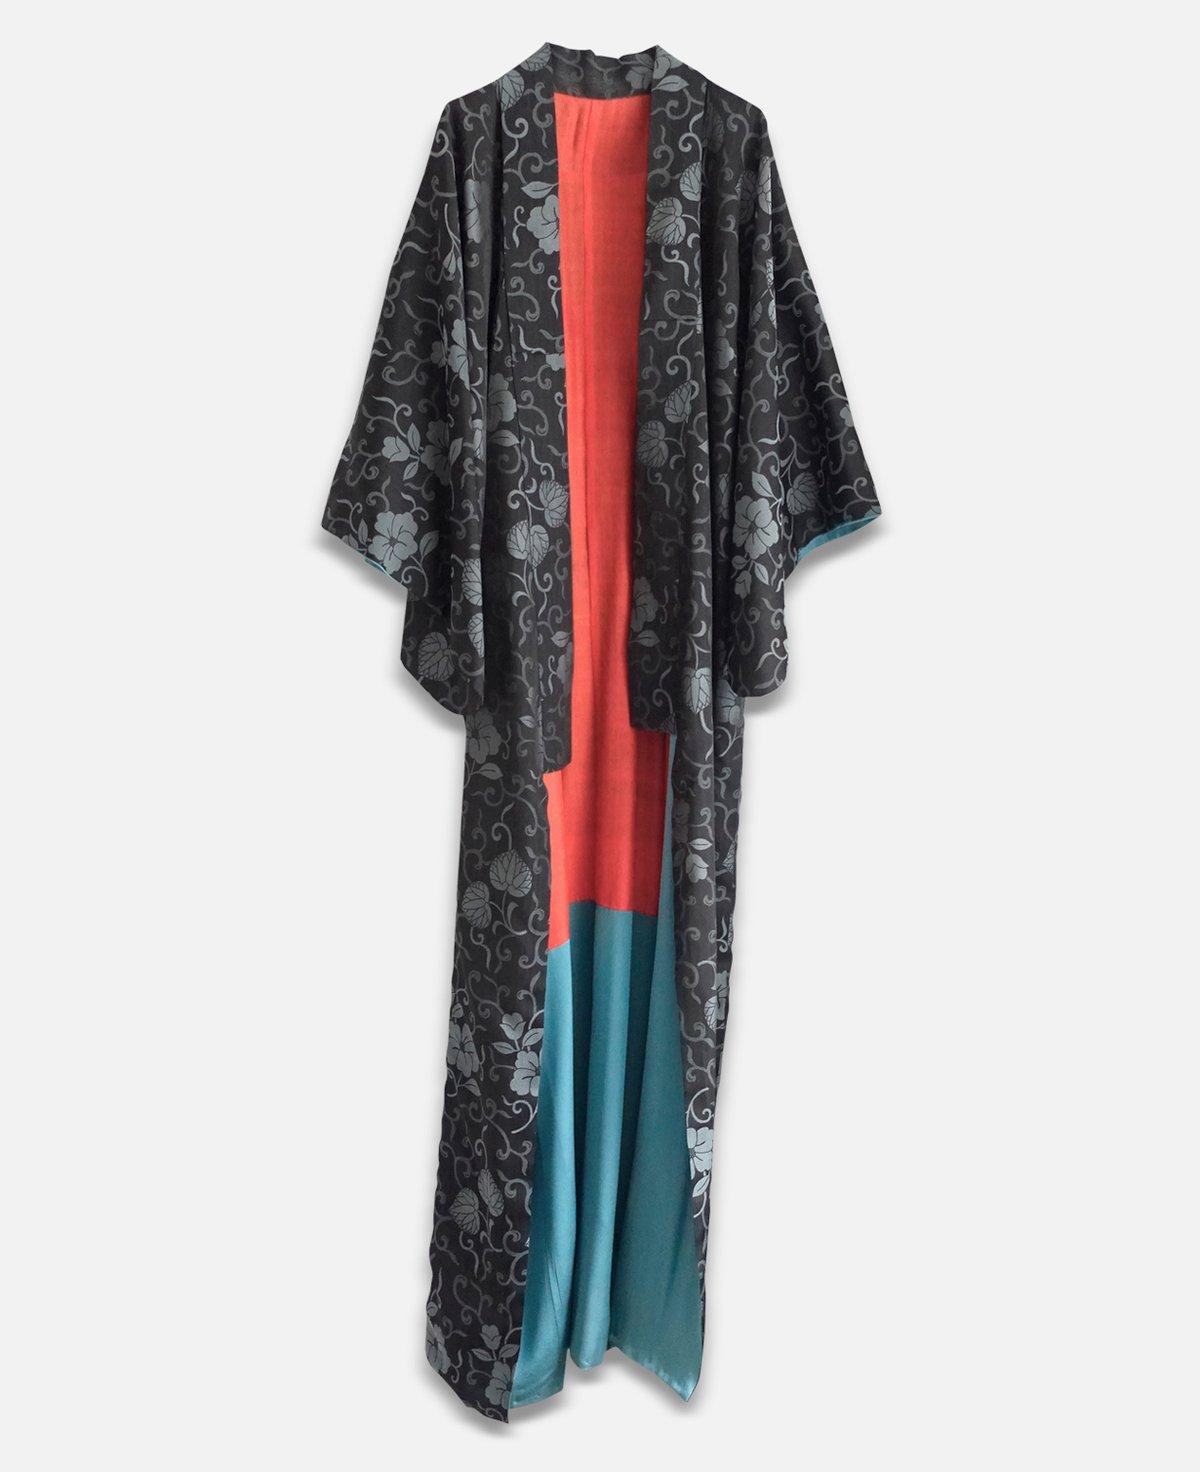 Image of Koksgrå silkekimono med blade og turkis for